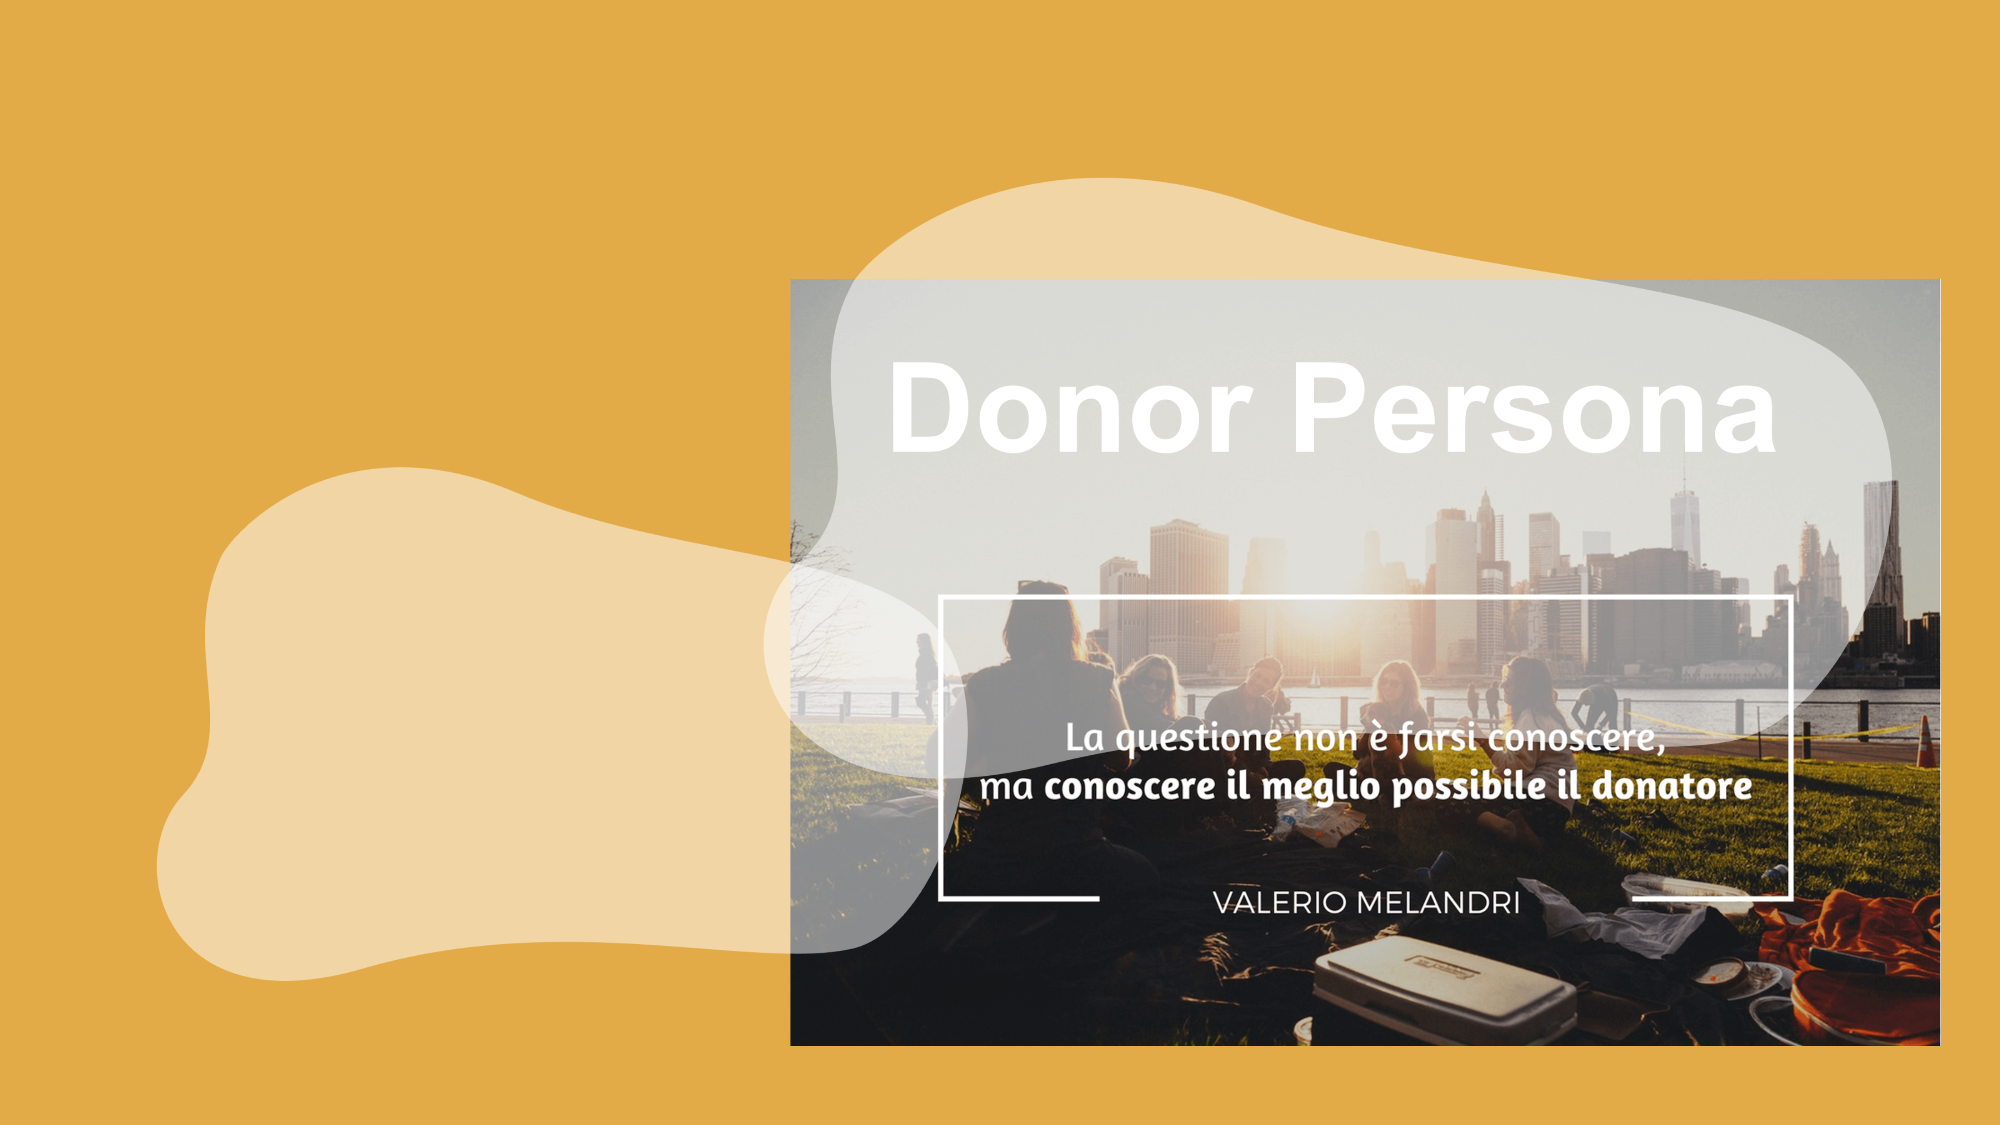 Donor Persona